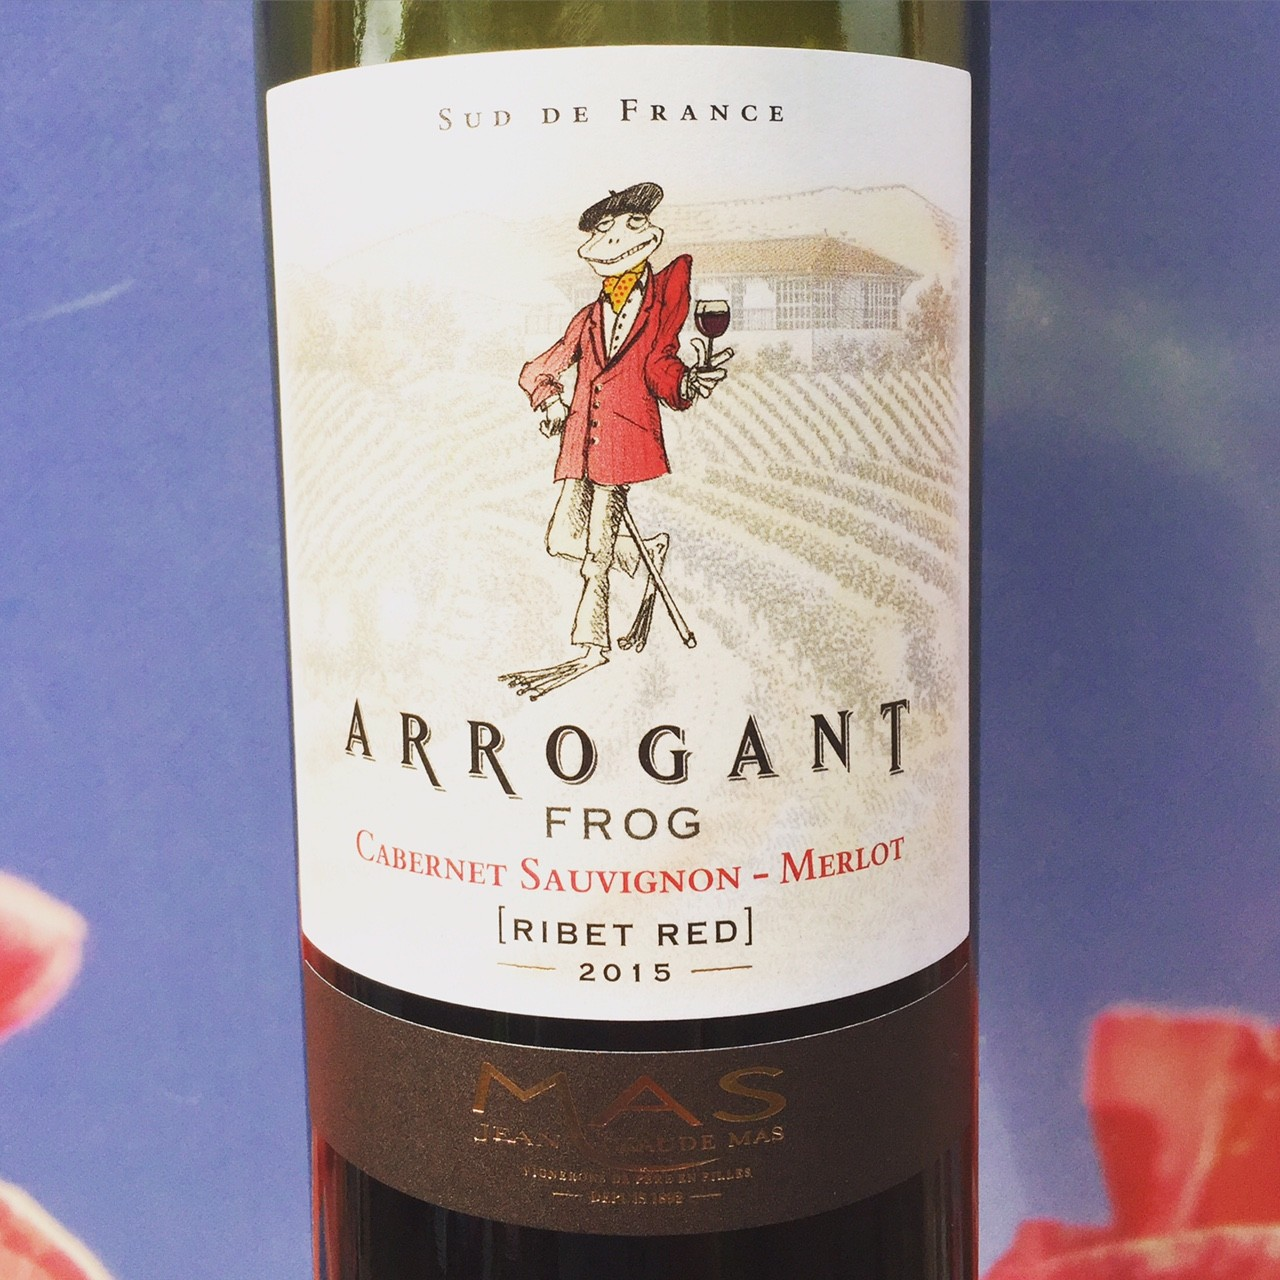 Arrogant Frog wijnreview door Mama Drinkt Wijn, vinoloog sinds 2006